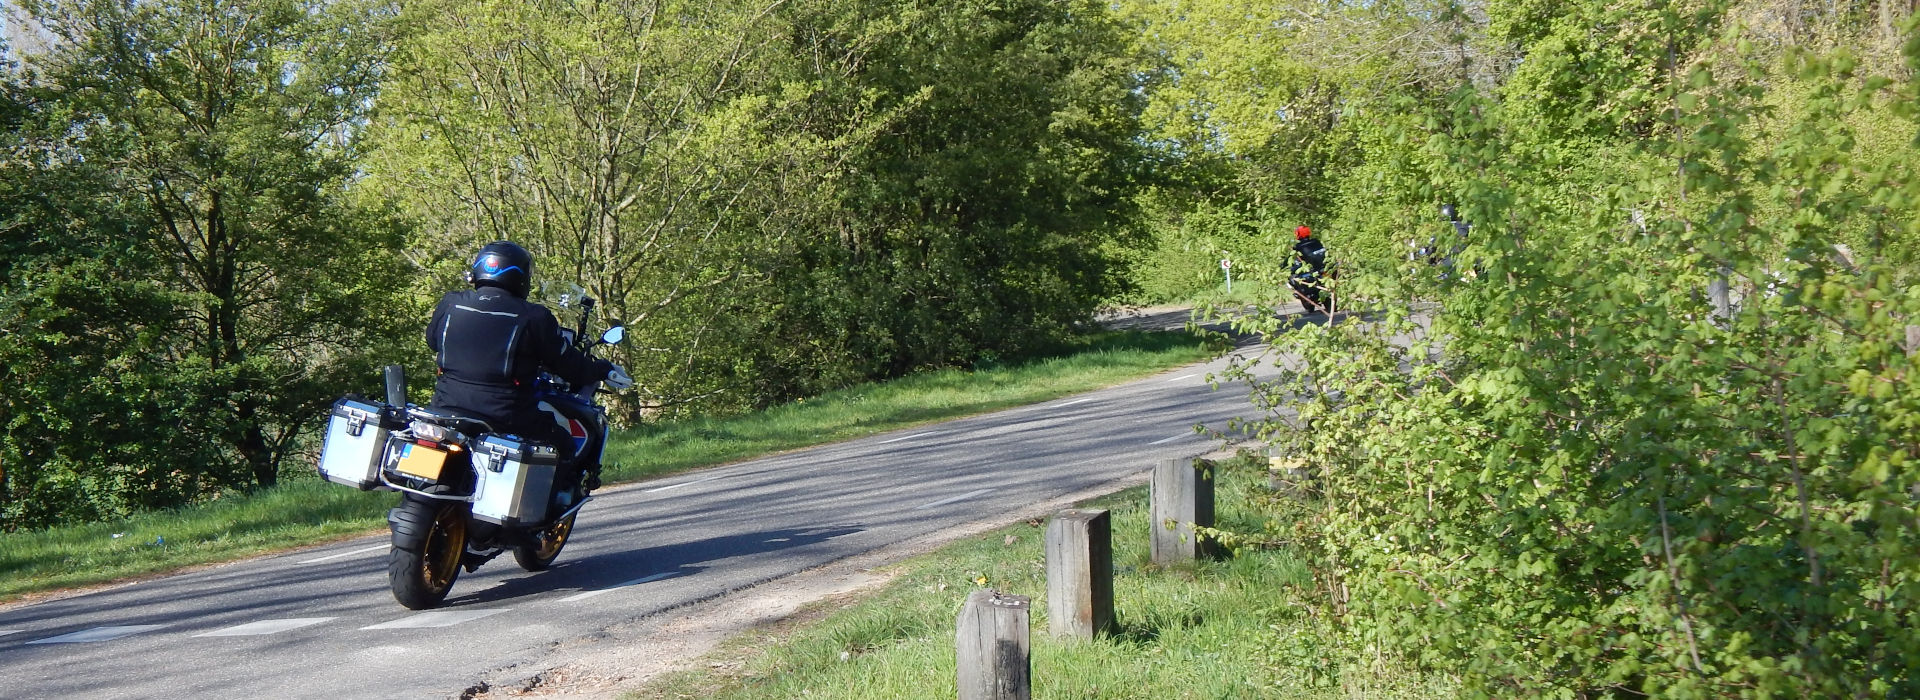 Motorrijschool Motorrijbewijspoint Made motorrijlessen